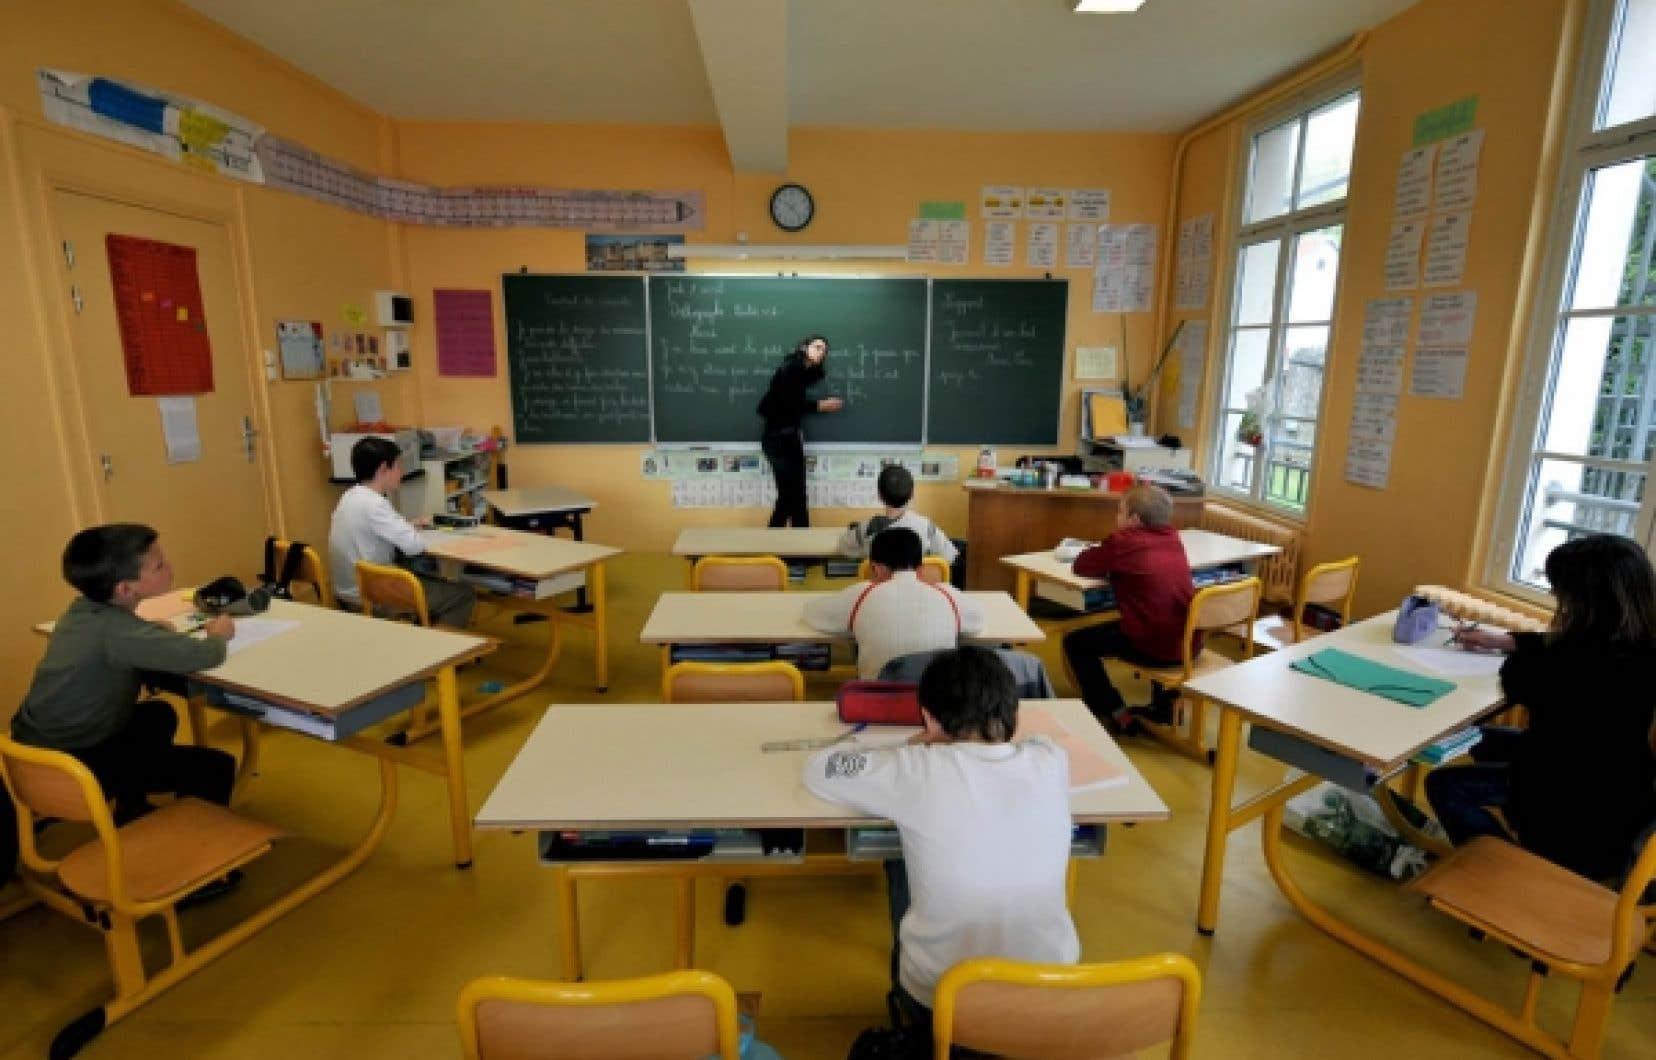 Le Centre d'éducation alternative Interact, à Notre-Dame-de-Grâce, et l'École préparatoire Childtime, à Sainte-Adèle, enseignent sans avoir de permis du ministère de l'Éducation. (La photo ci-dessus ne représente aucune des deux écoles.)